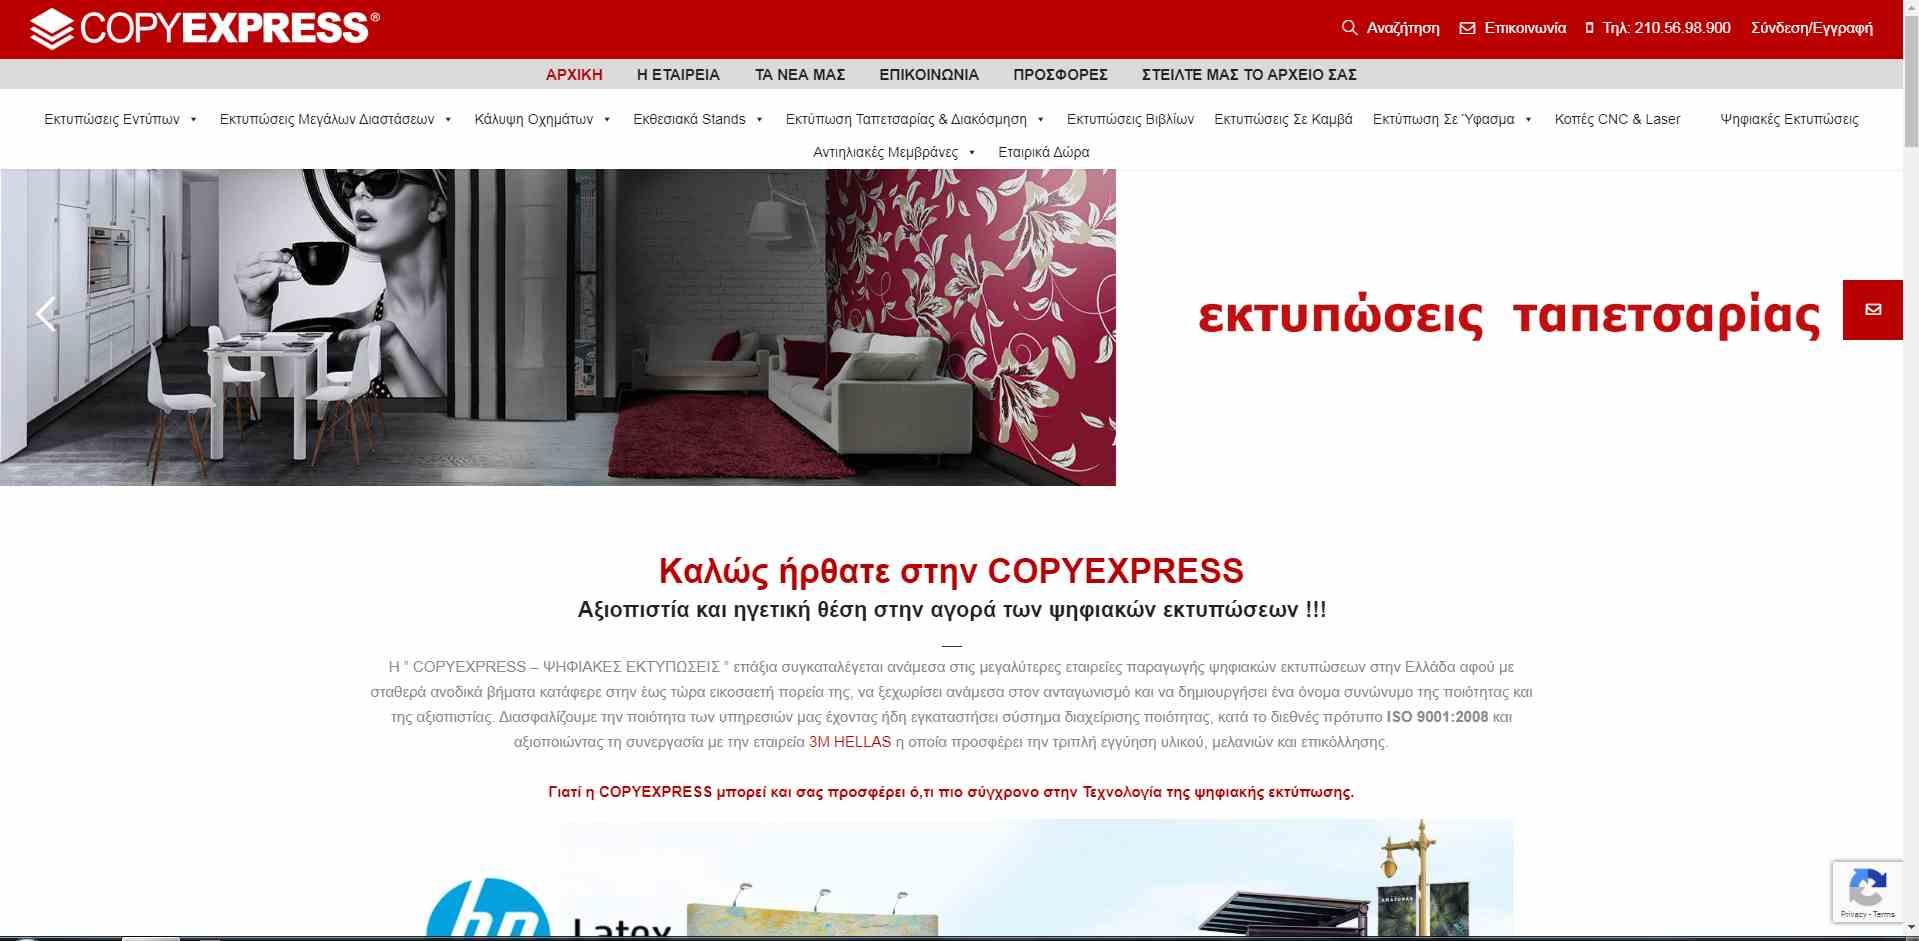 copyexpress